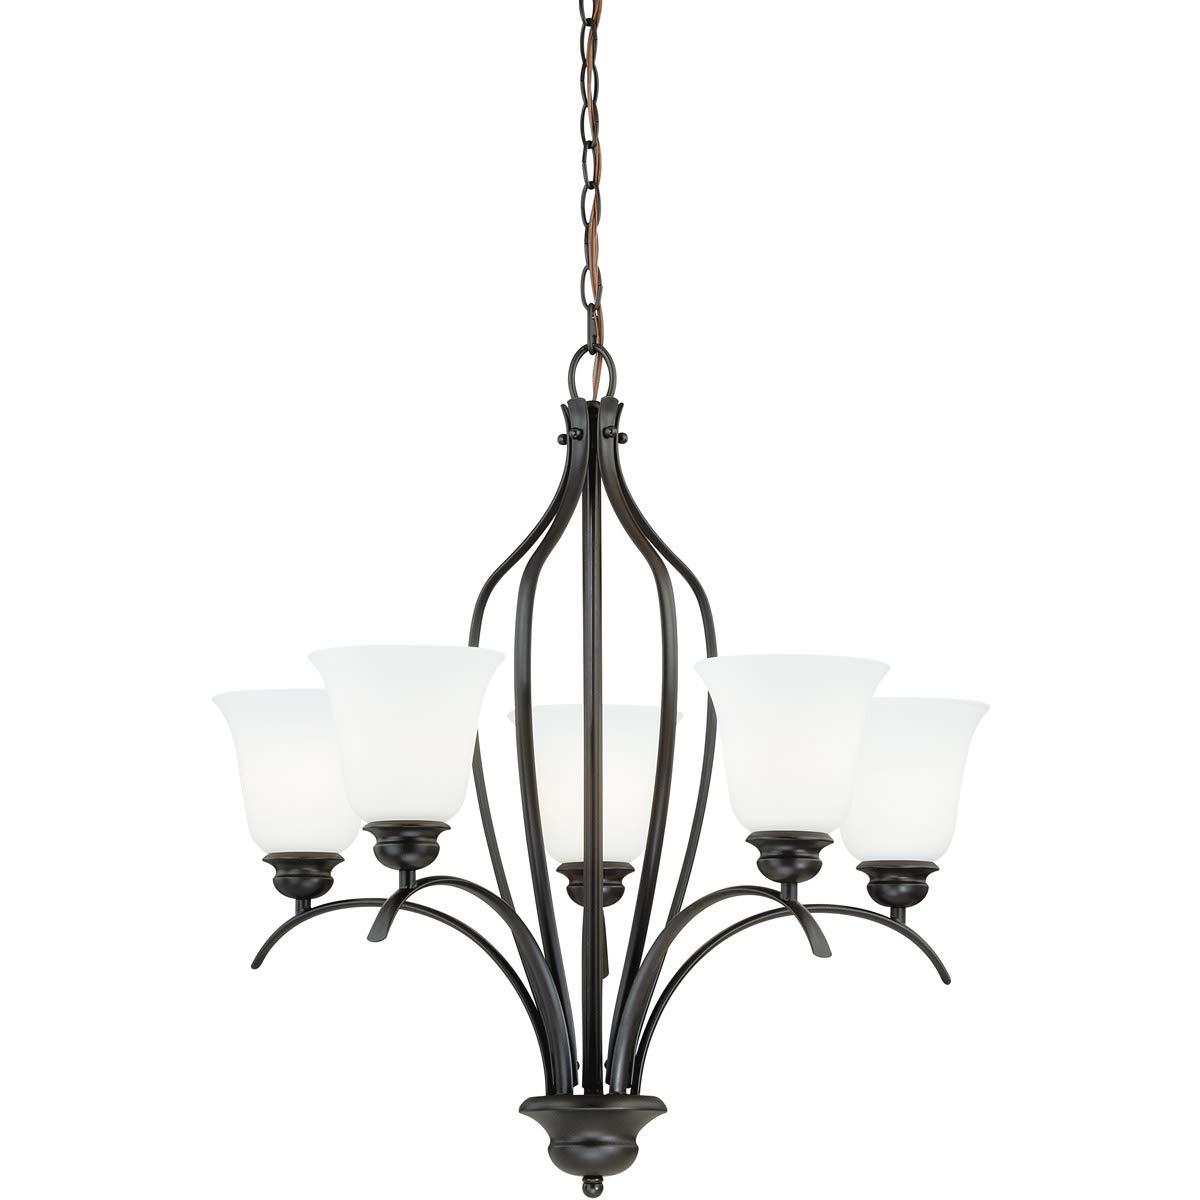 Chandeliers 5 light fixtures with new bronze finish steel material medium 26 500 watts amazon com